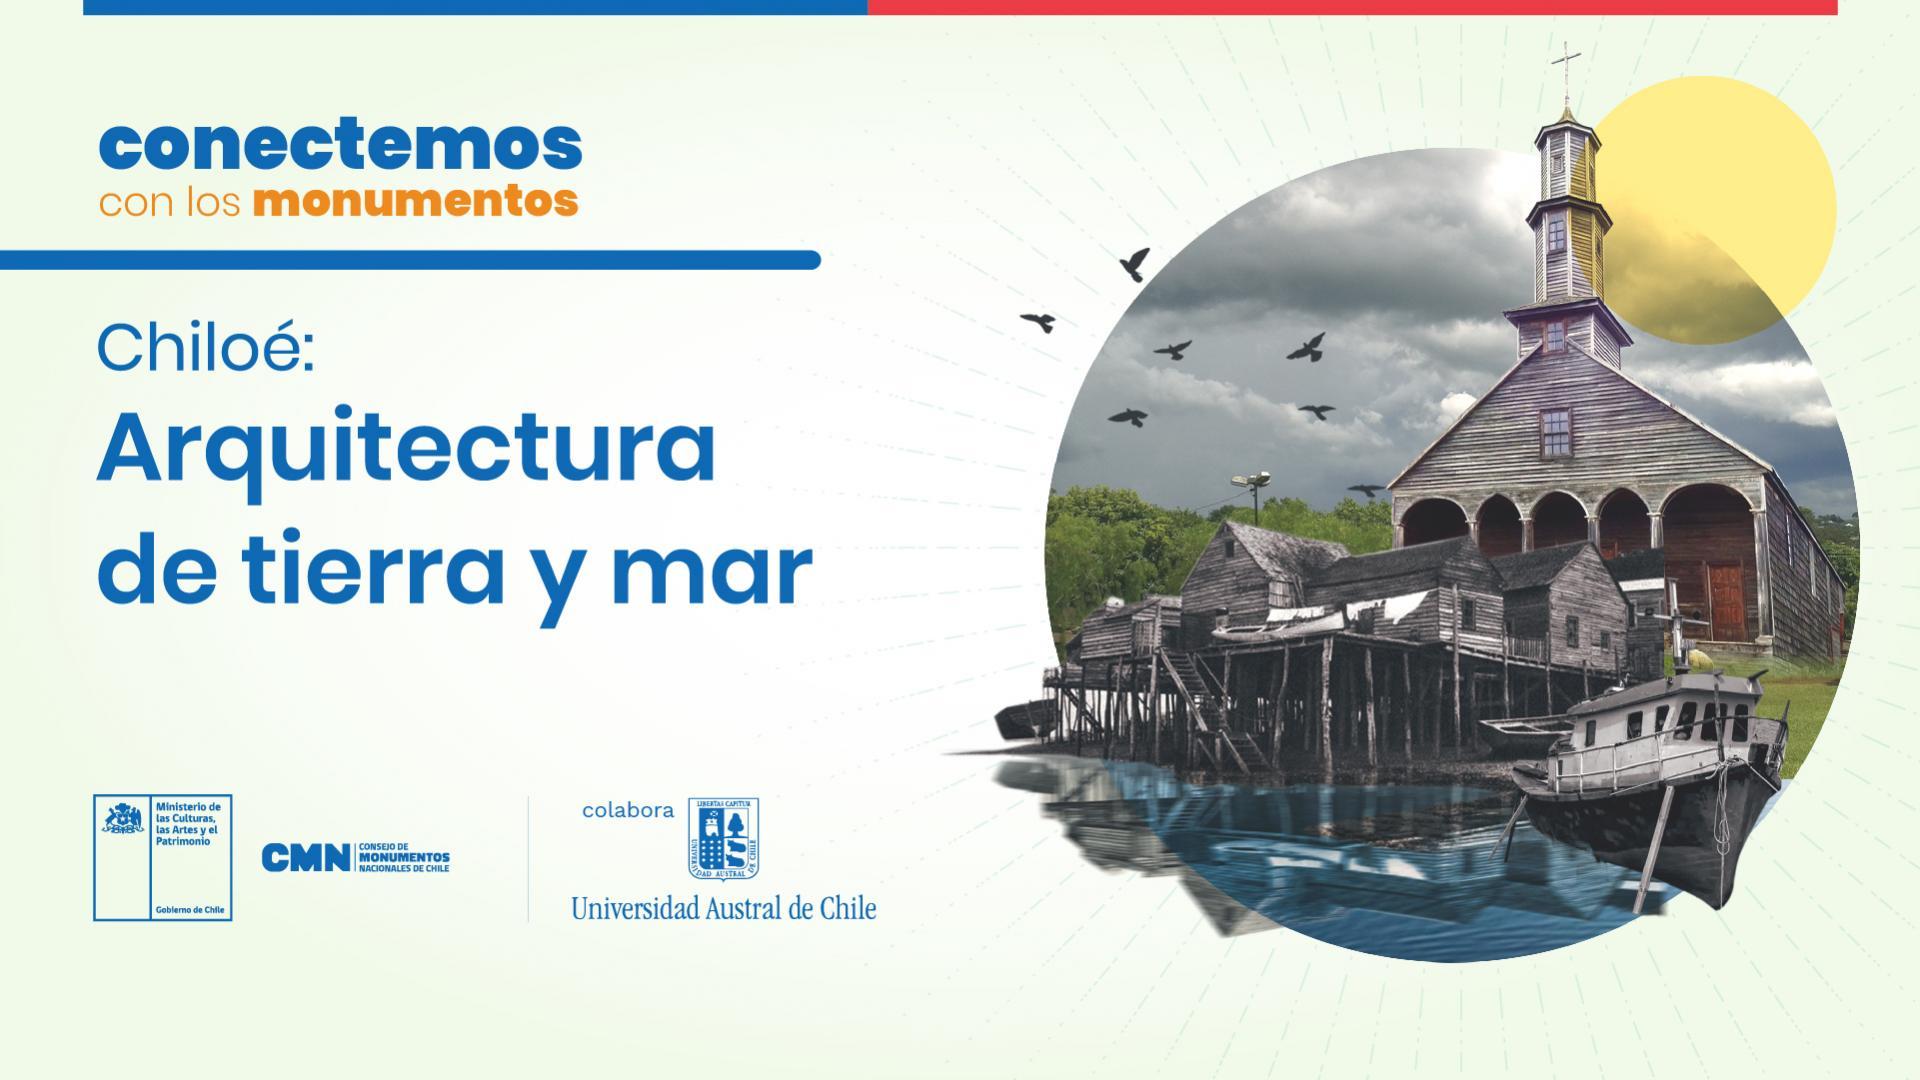 Imagen de Conectemos con los Monumentos: Chiloé